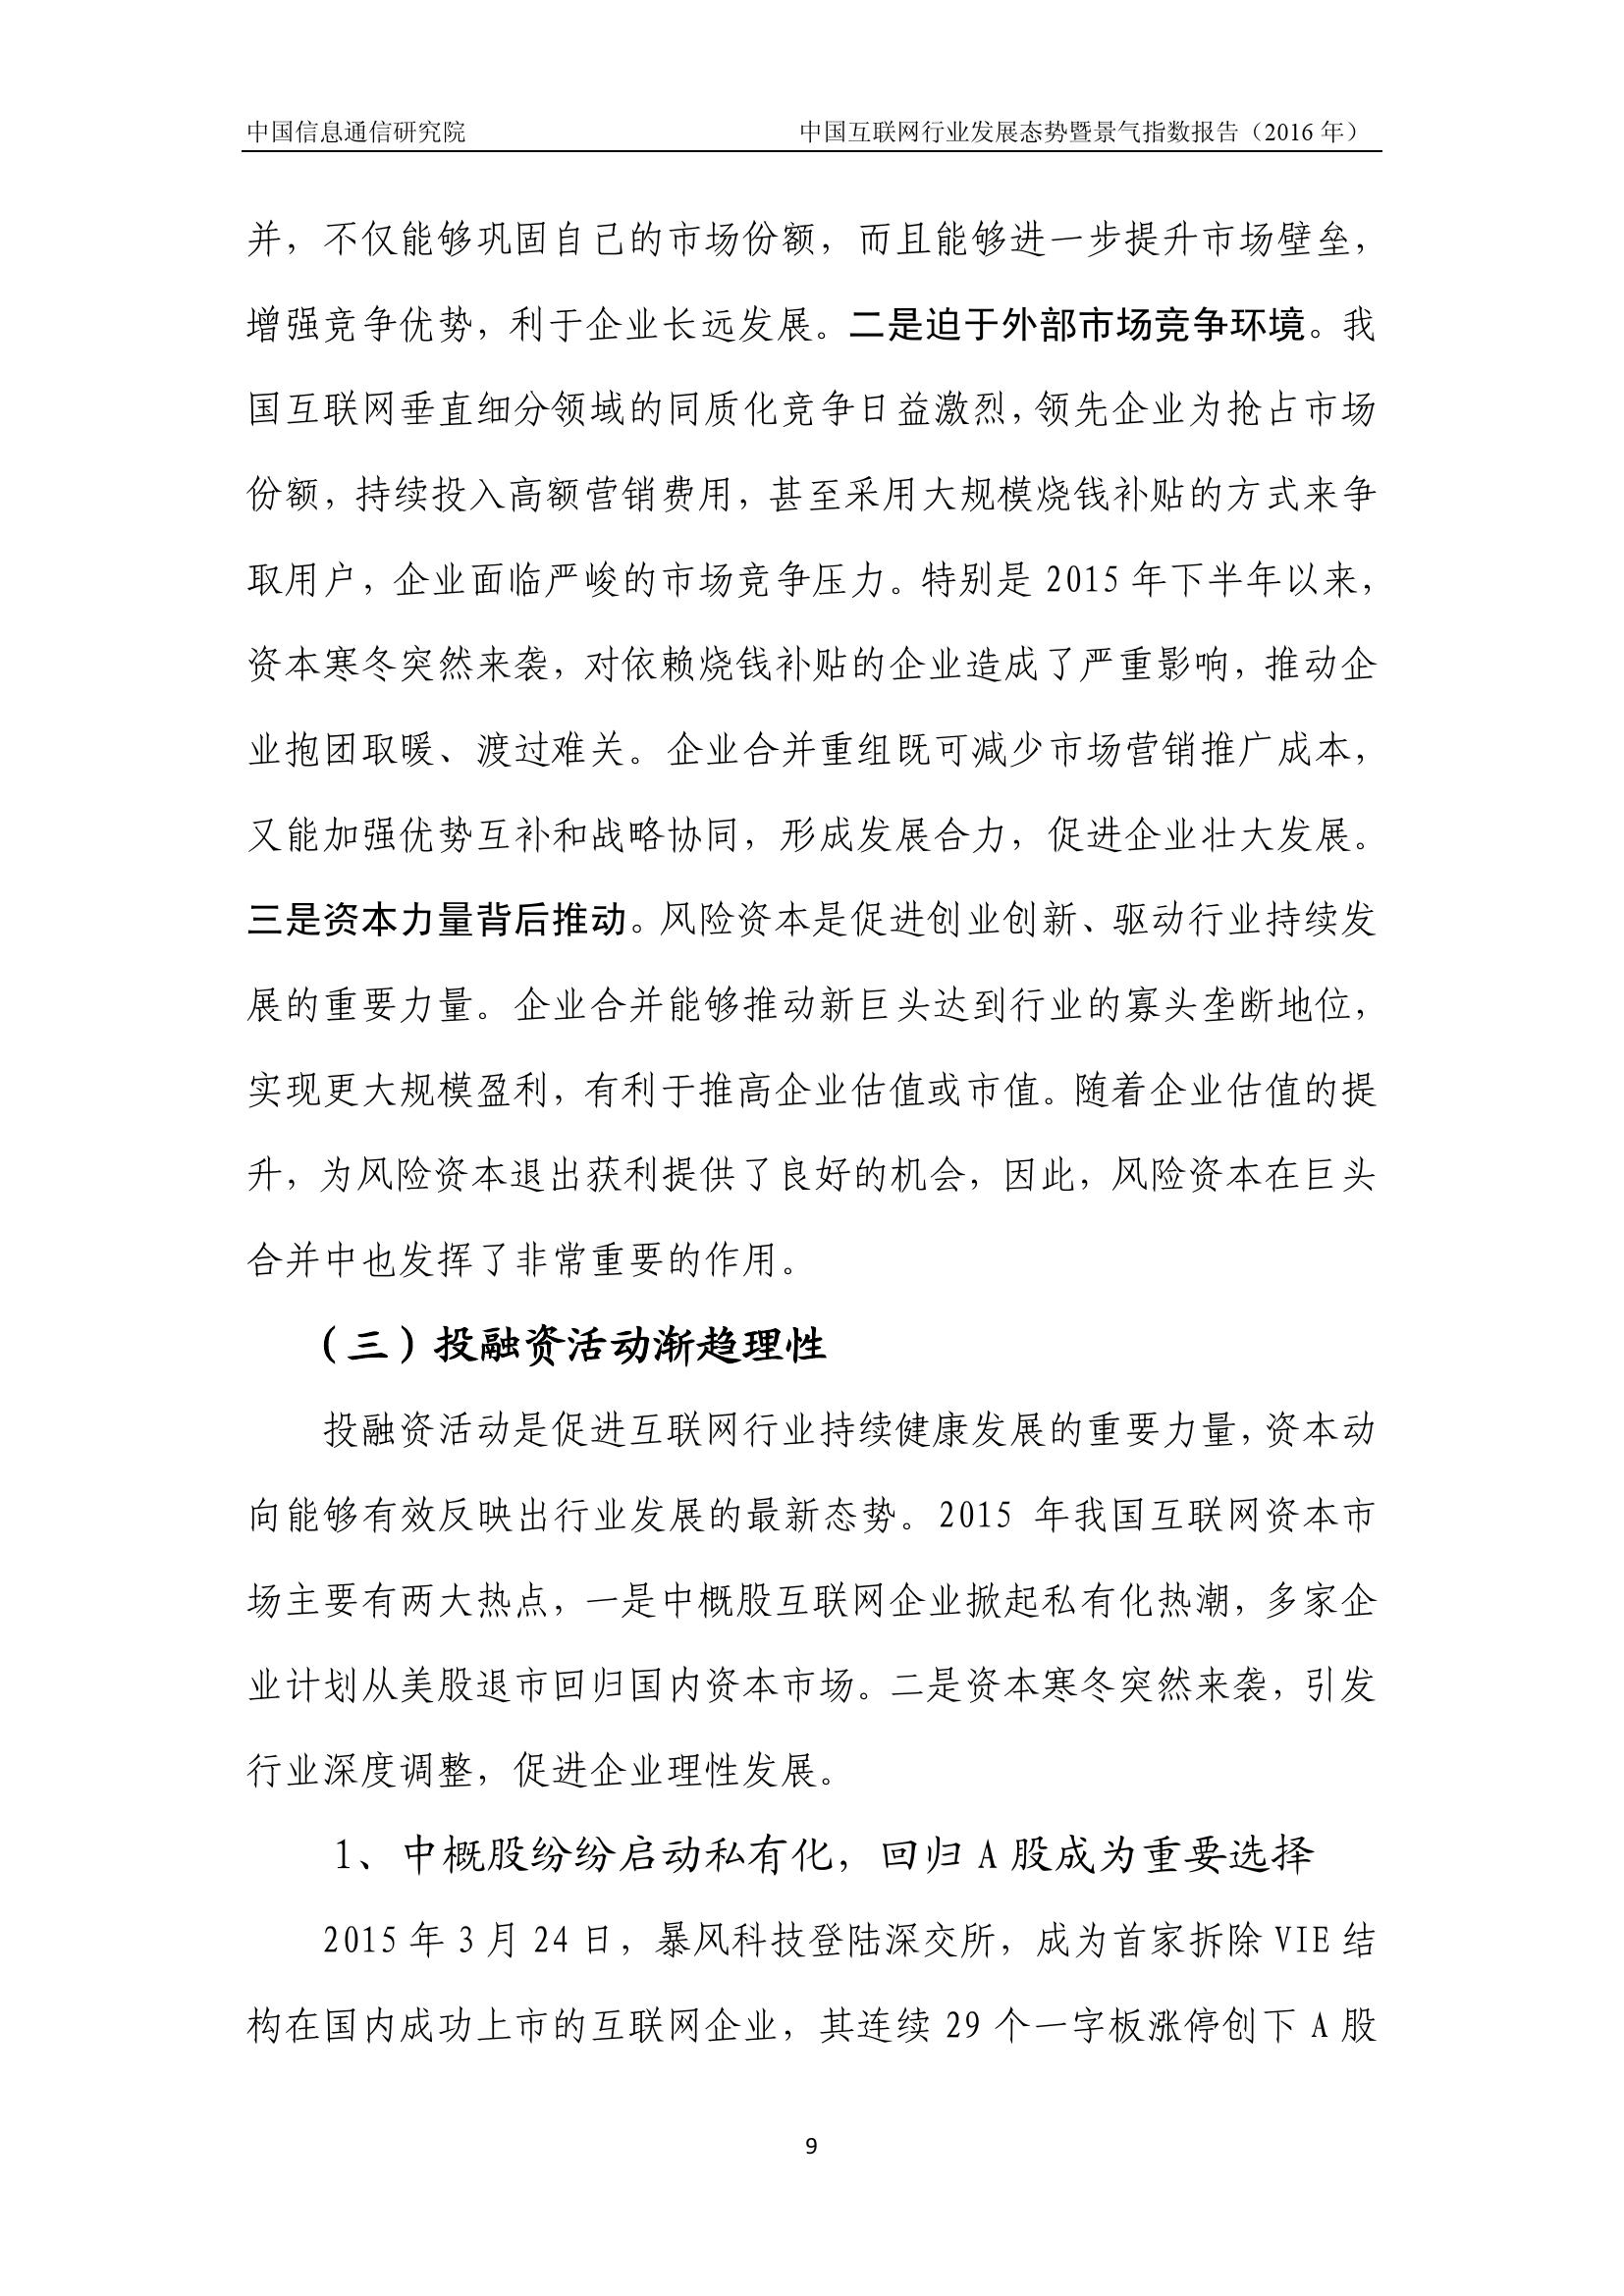 2016年中国互联网行业发展态势暨景气指数报告_000013